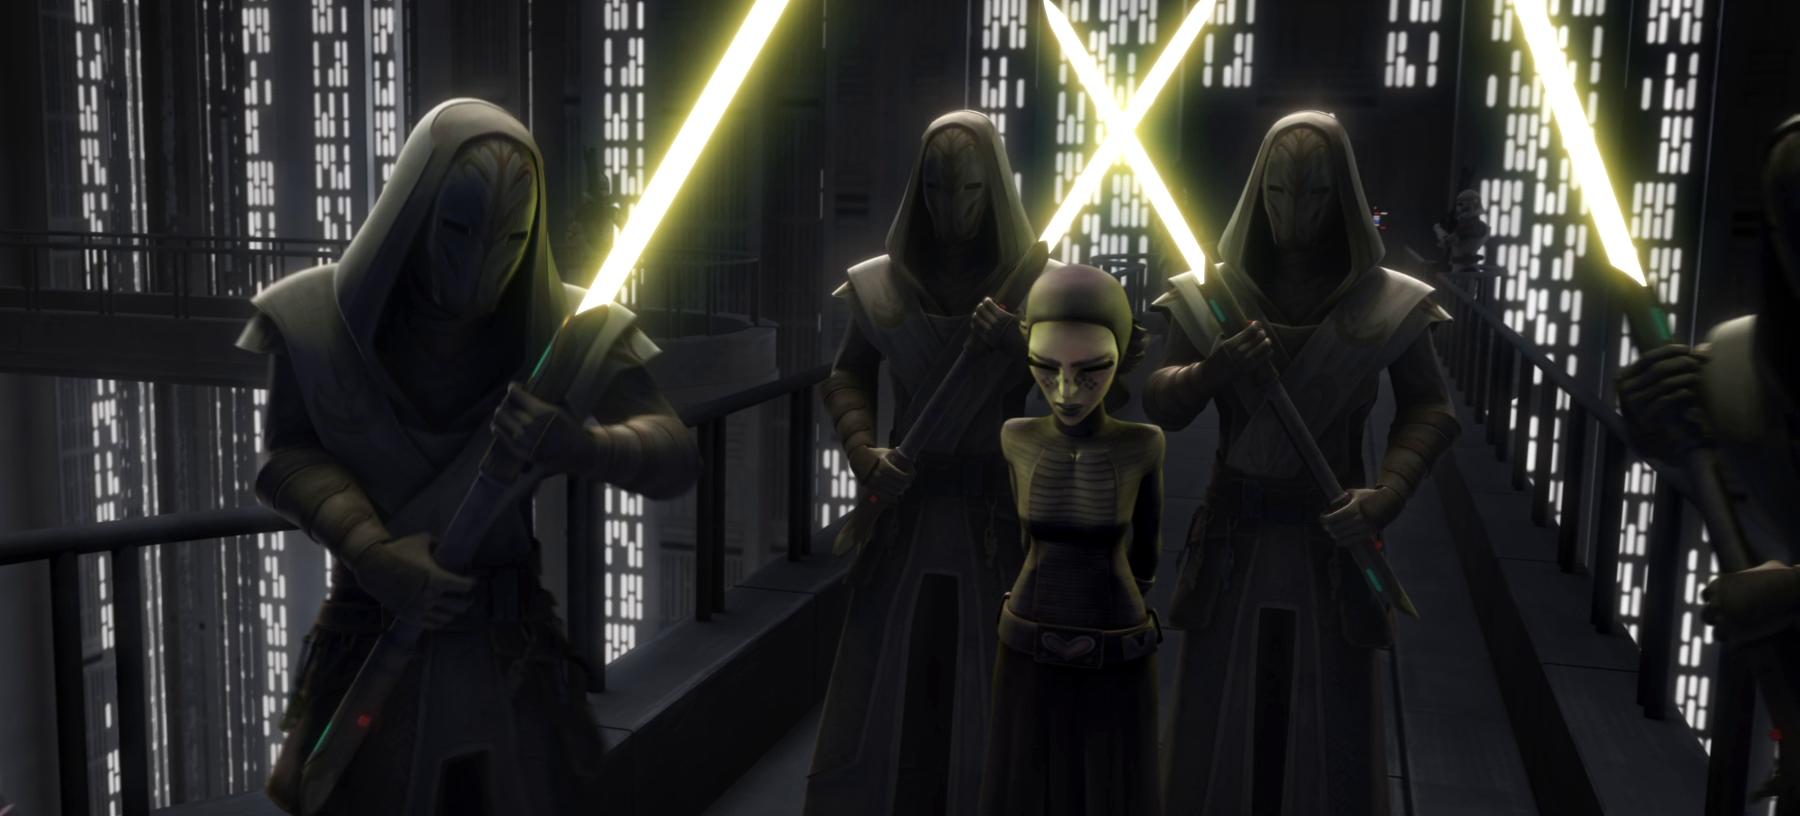 Jedi Temple Guard Wookieepedia The Star Wars Wiki